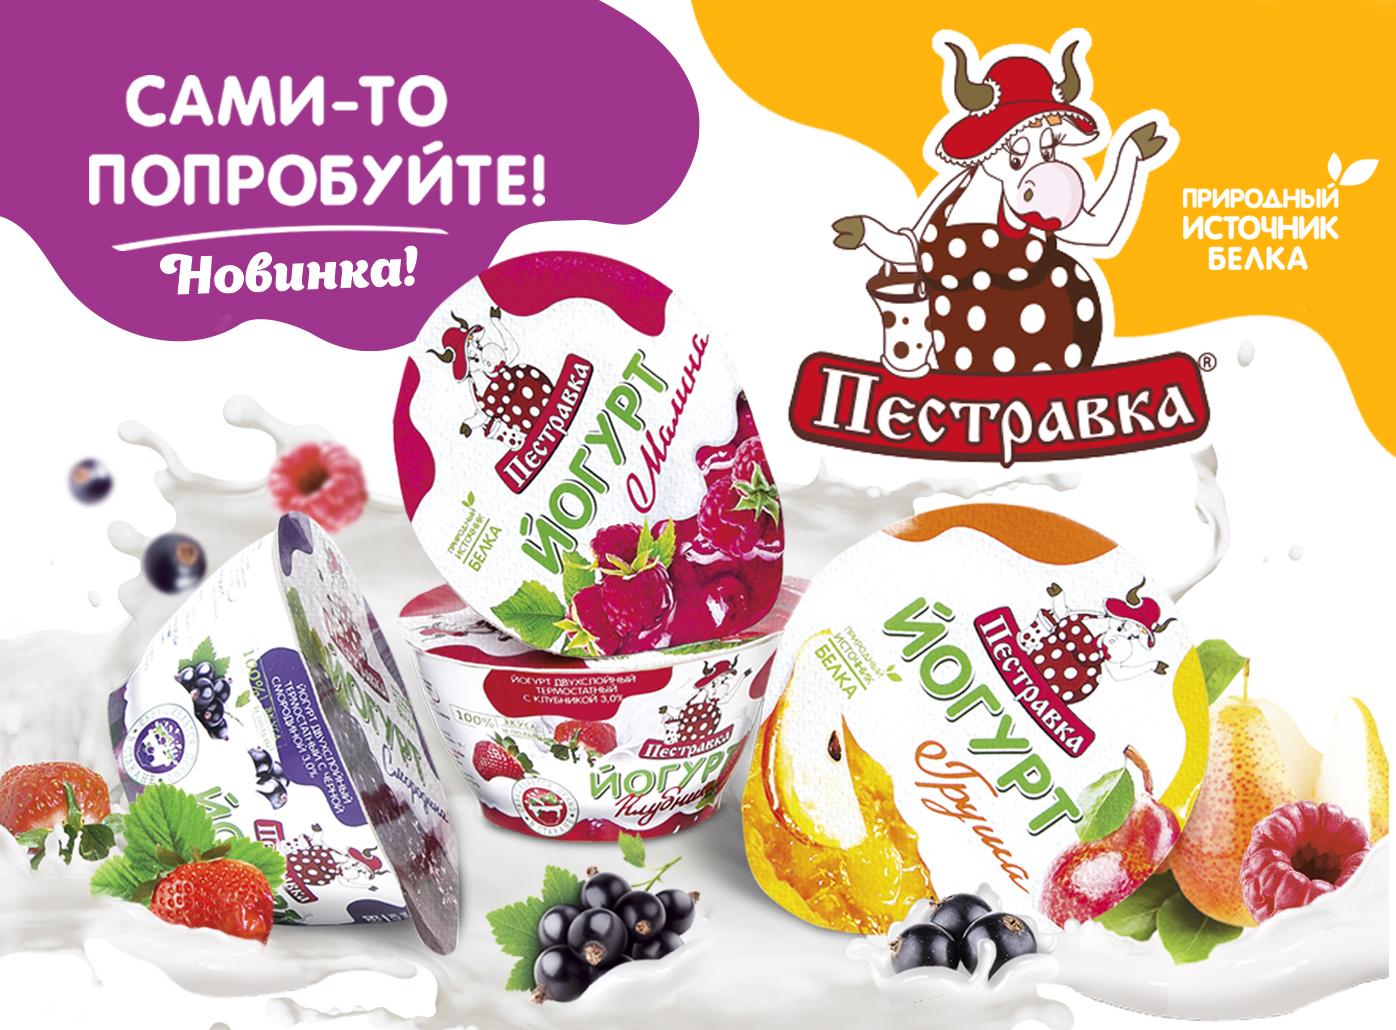 Пестравка» представляет двухслойные термостатные йогурты